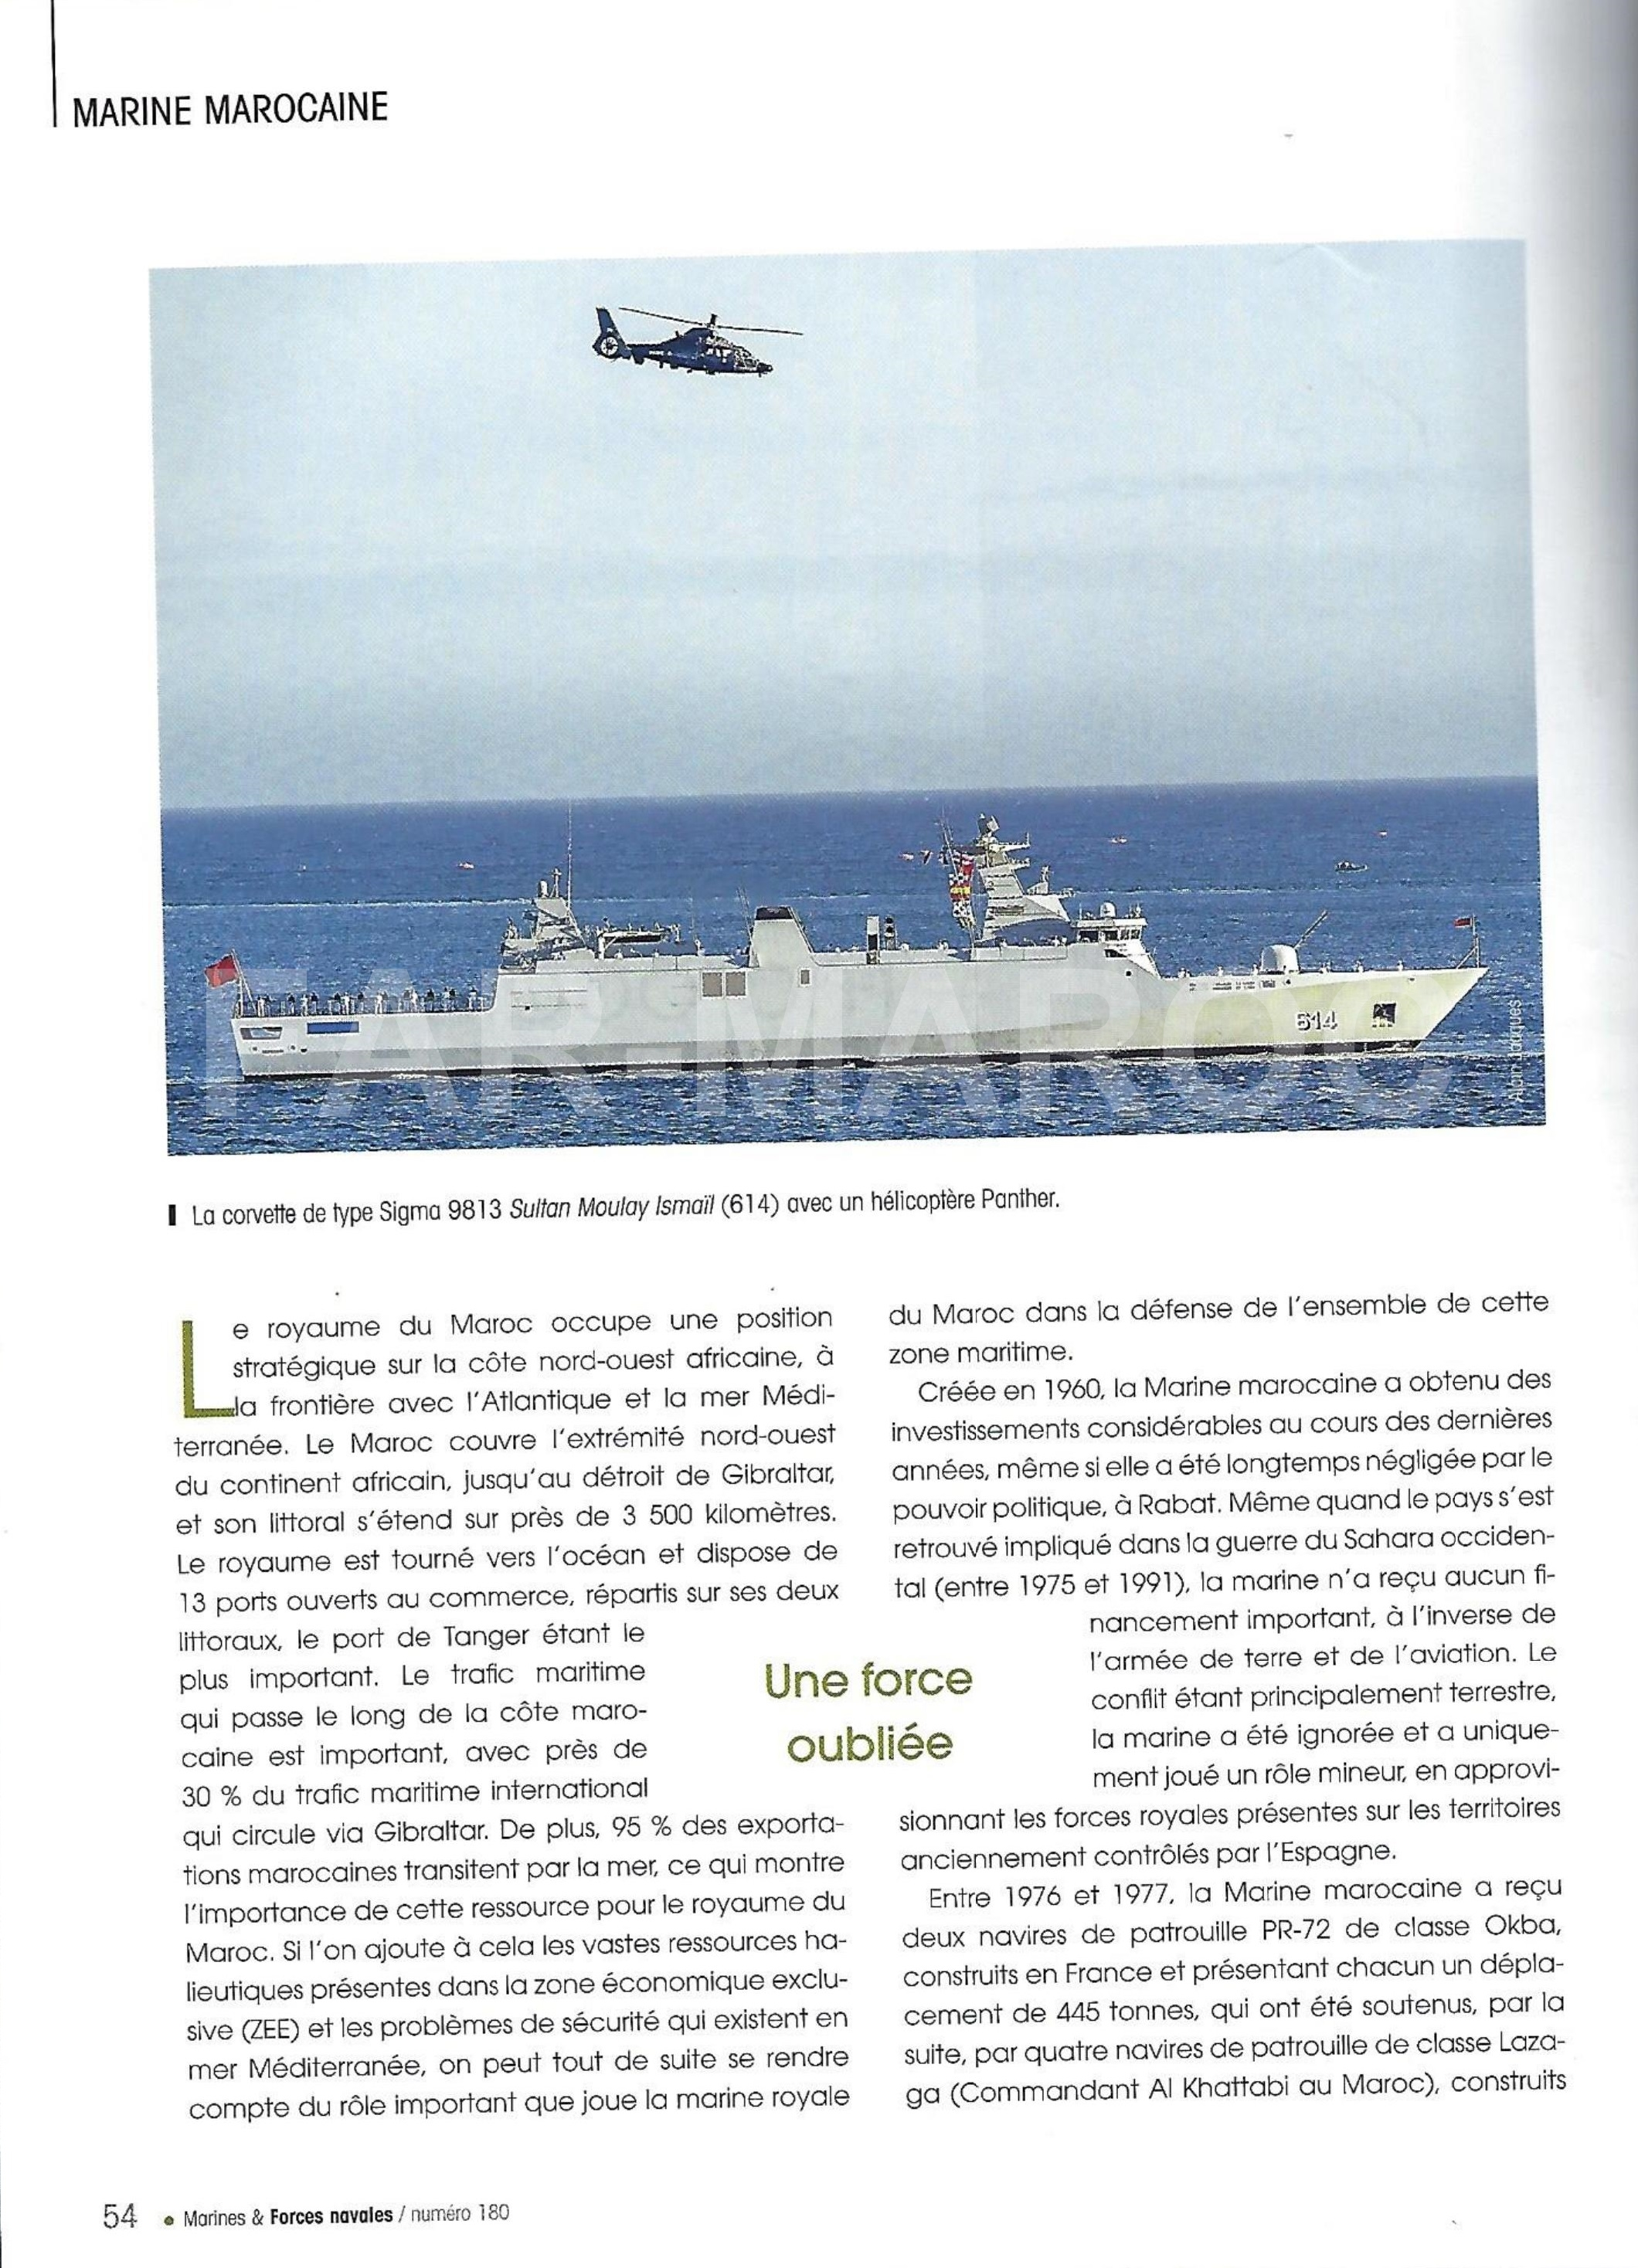 Articles à propos de la Marine Royale Marocaine 46682824655_590573bcb8_o